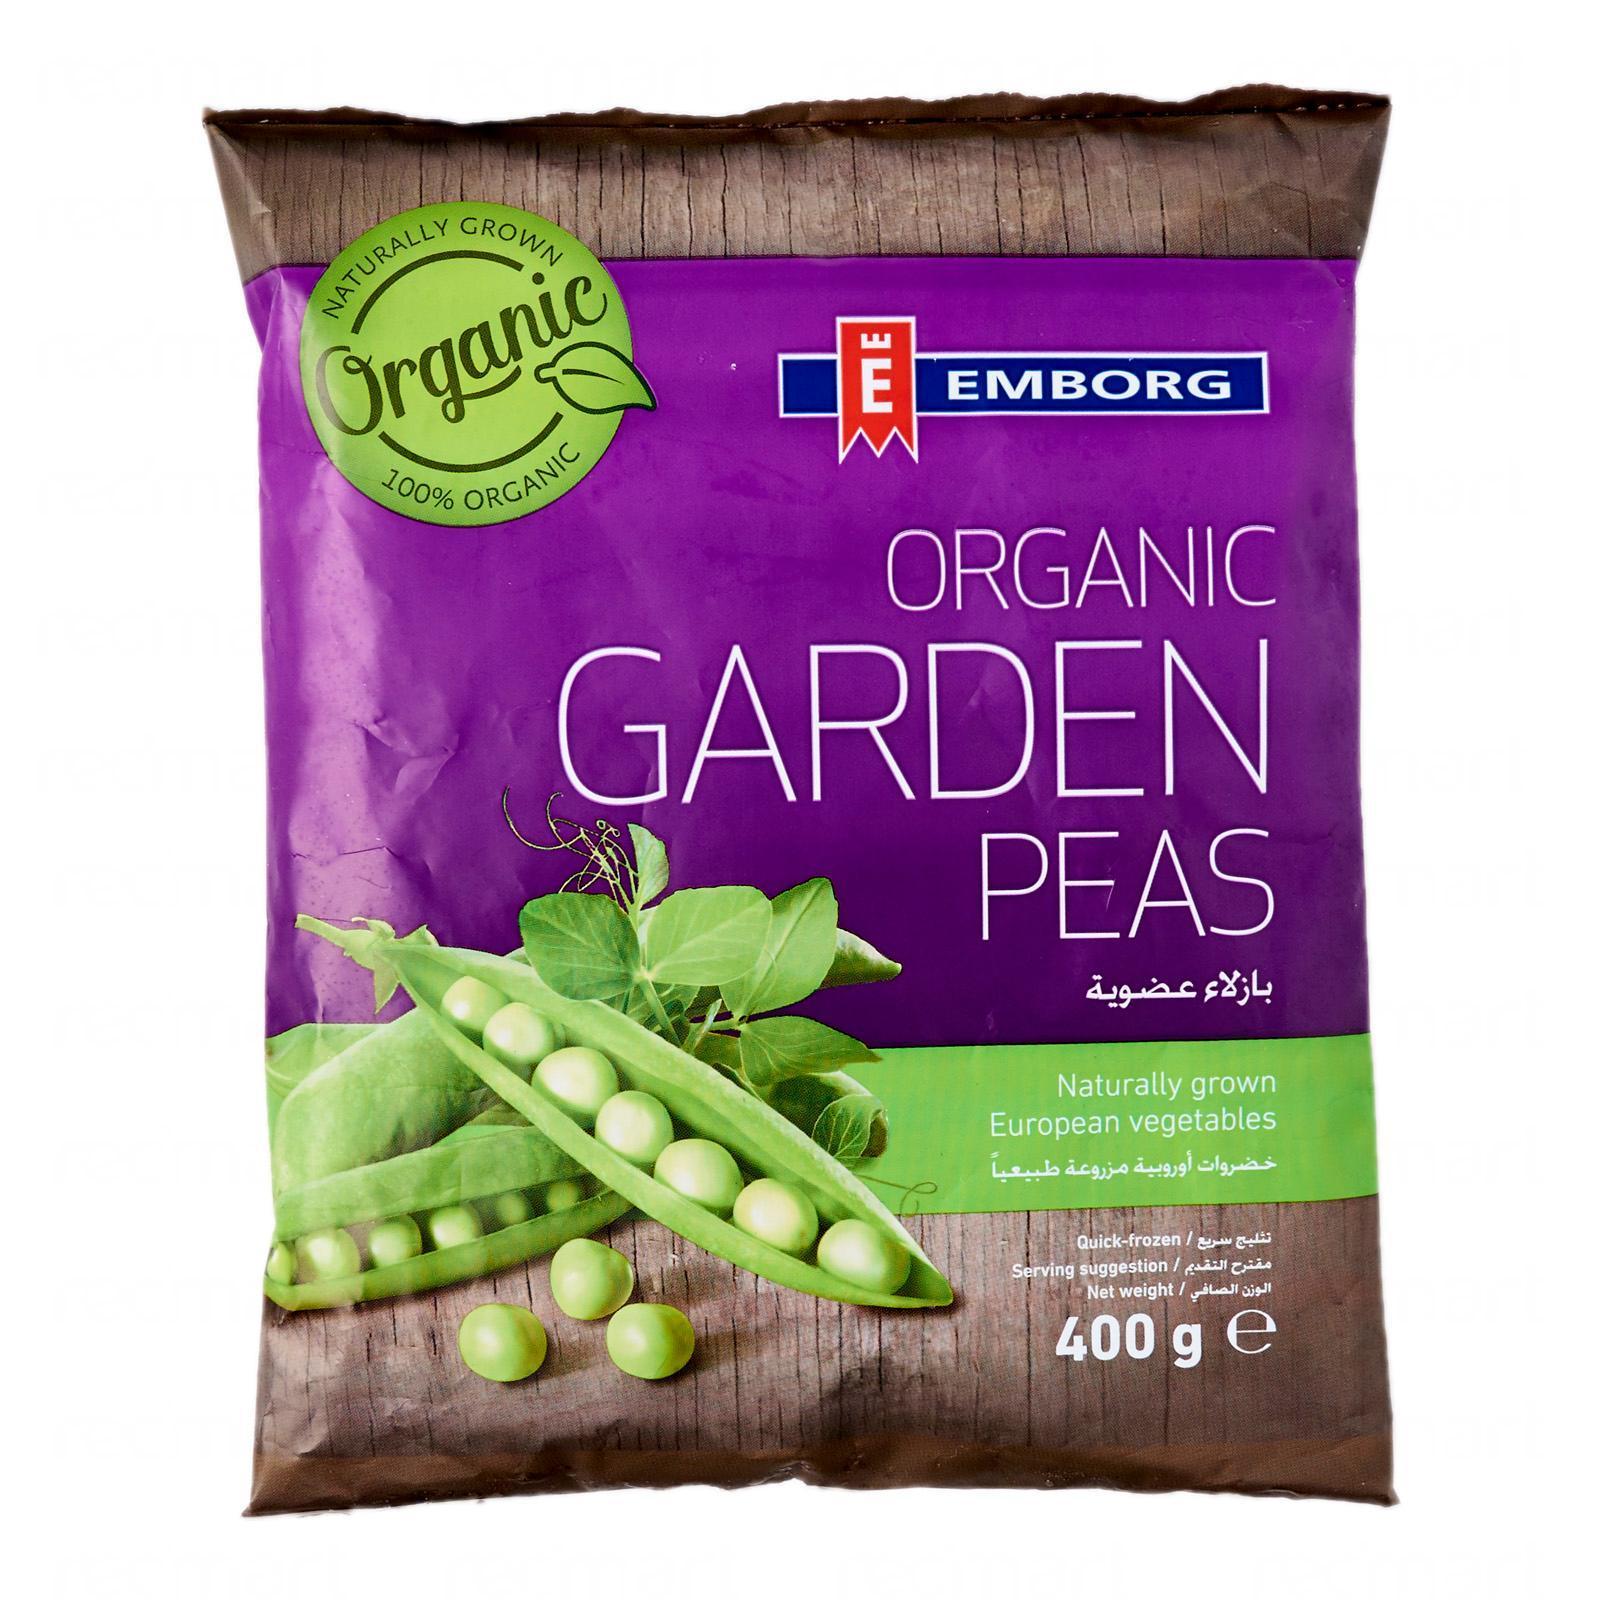 Emborg Organic Garden Peas - Frozen By Redmart.